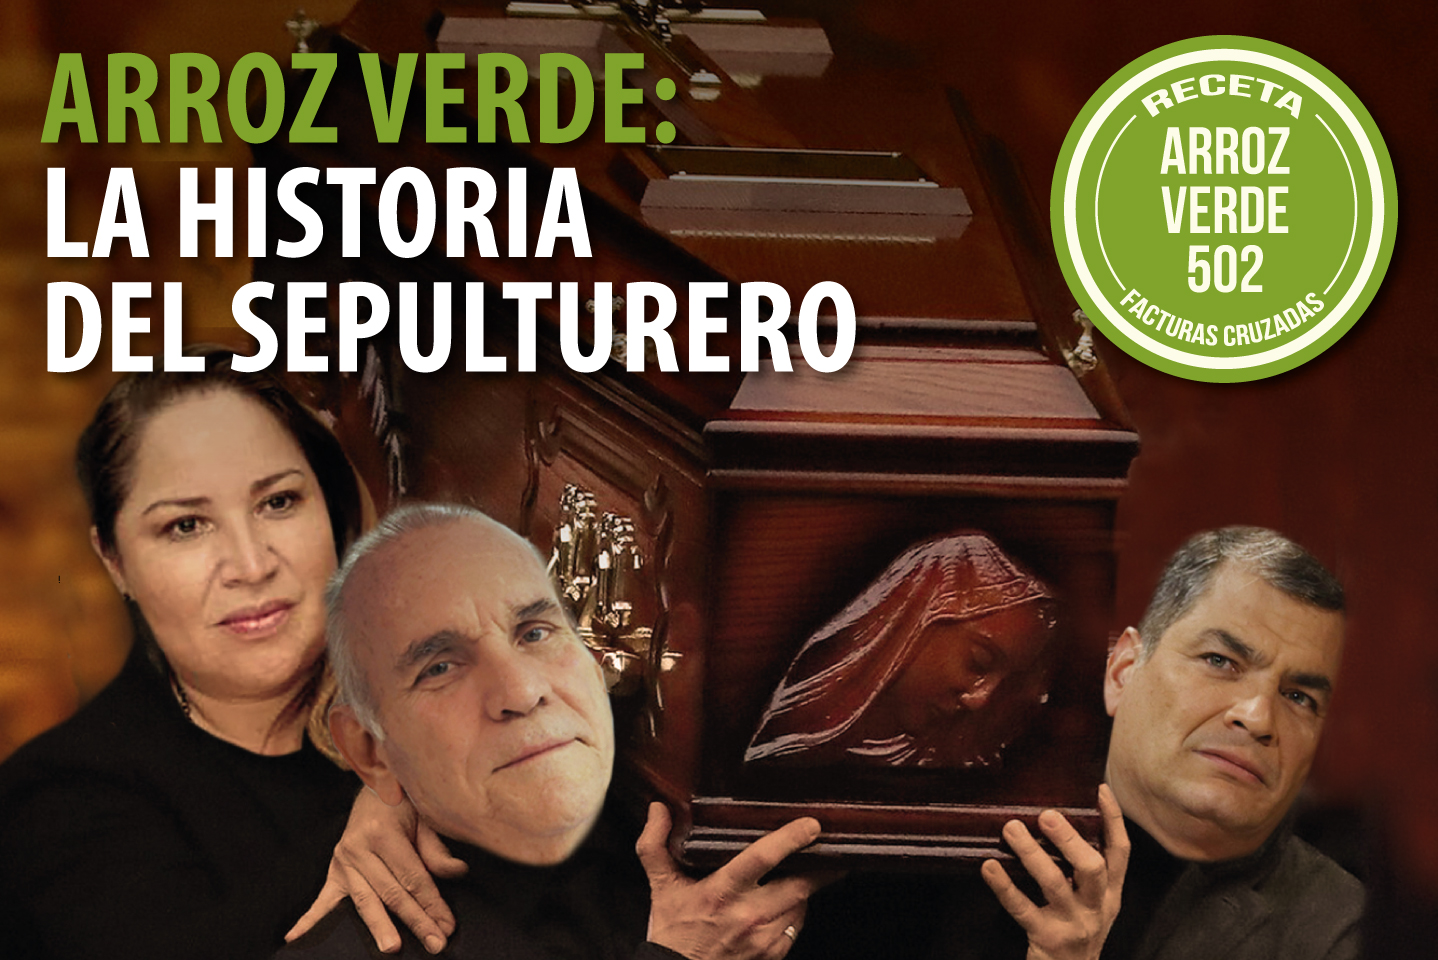 ARROZ VERDE: LA HISTORIA DEL SEPULTURERO